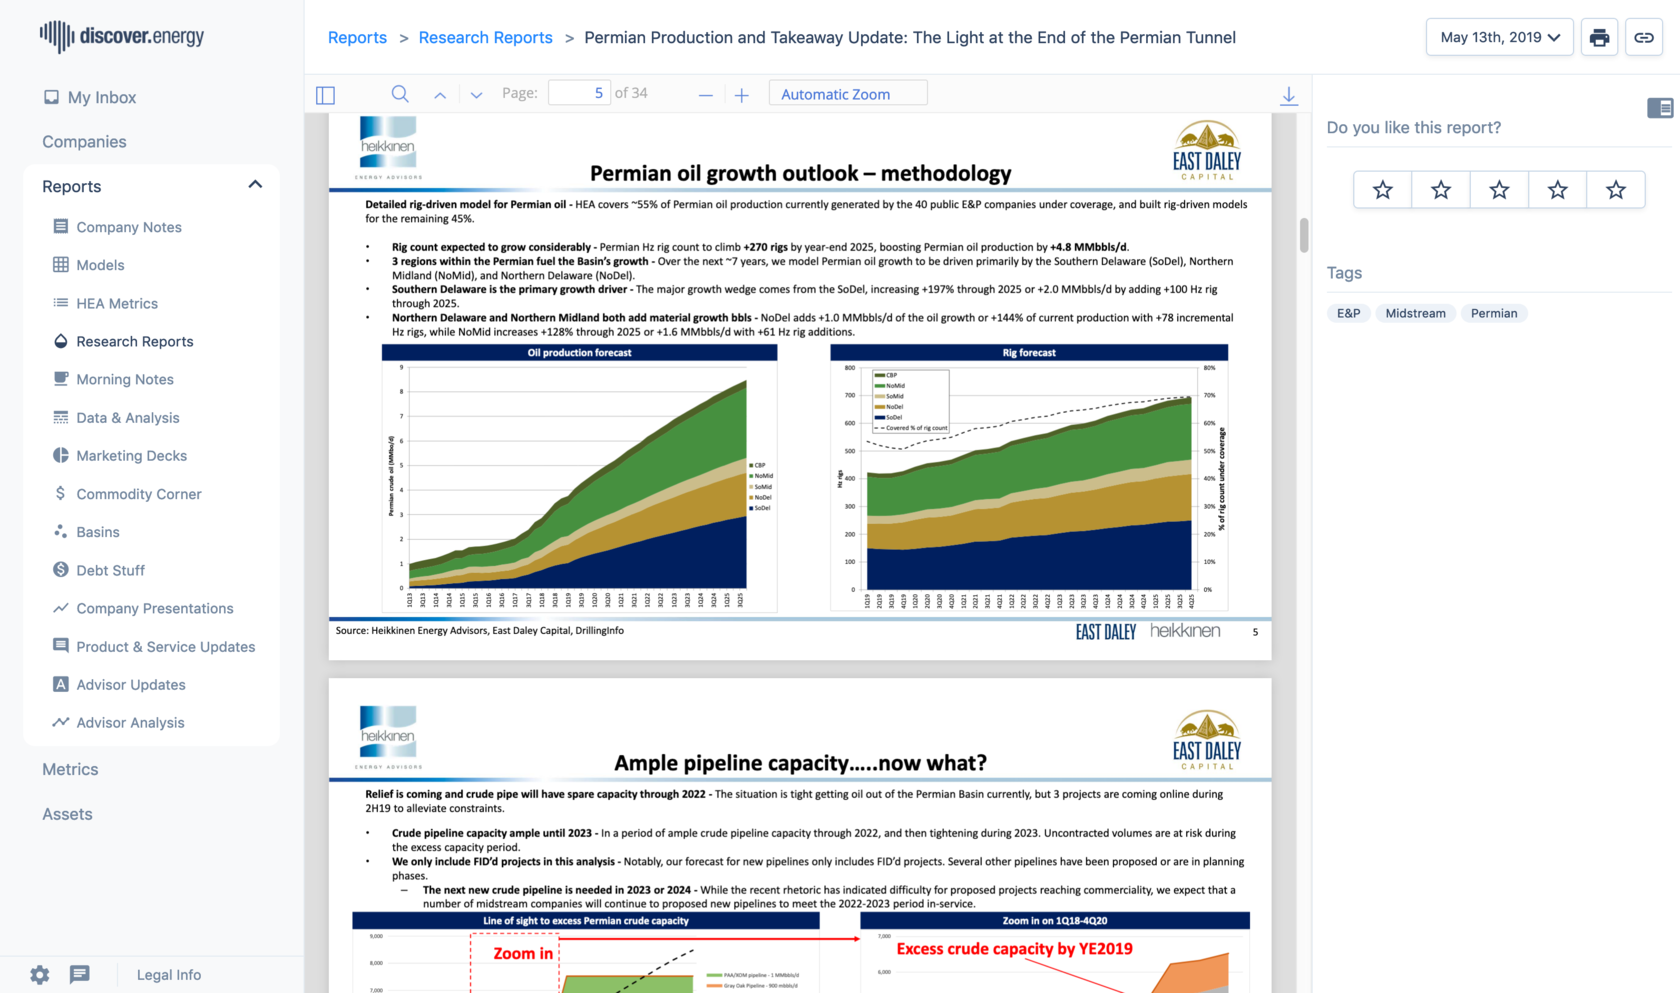 A research report screenshot